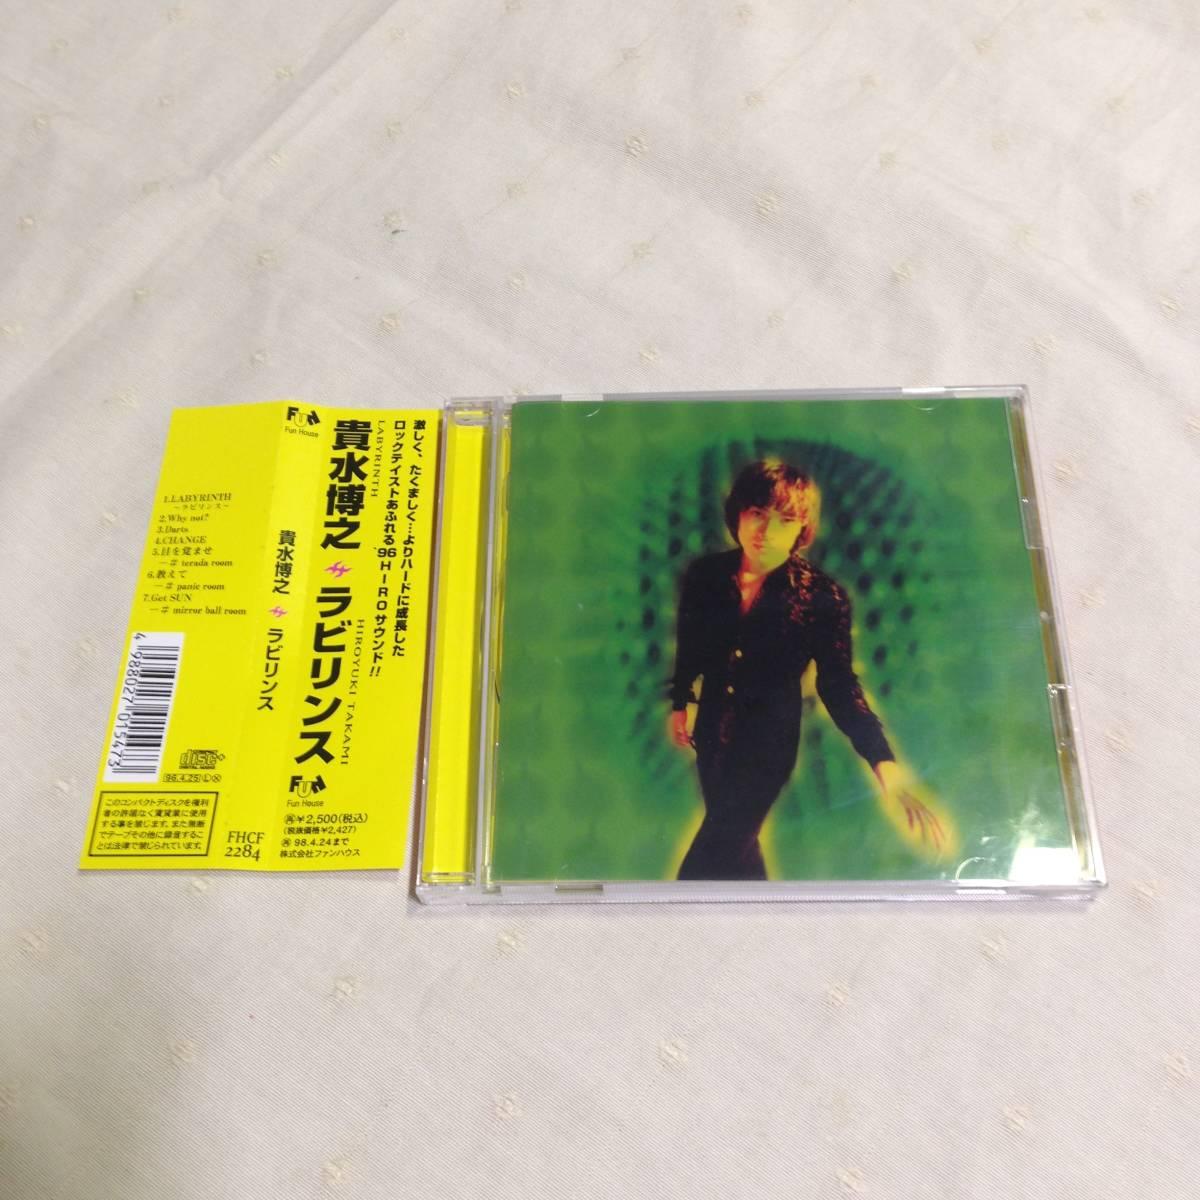 貴水博之 LABYRINTH ラビリンス 帯付き CD_画像1